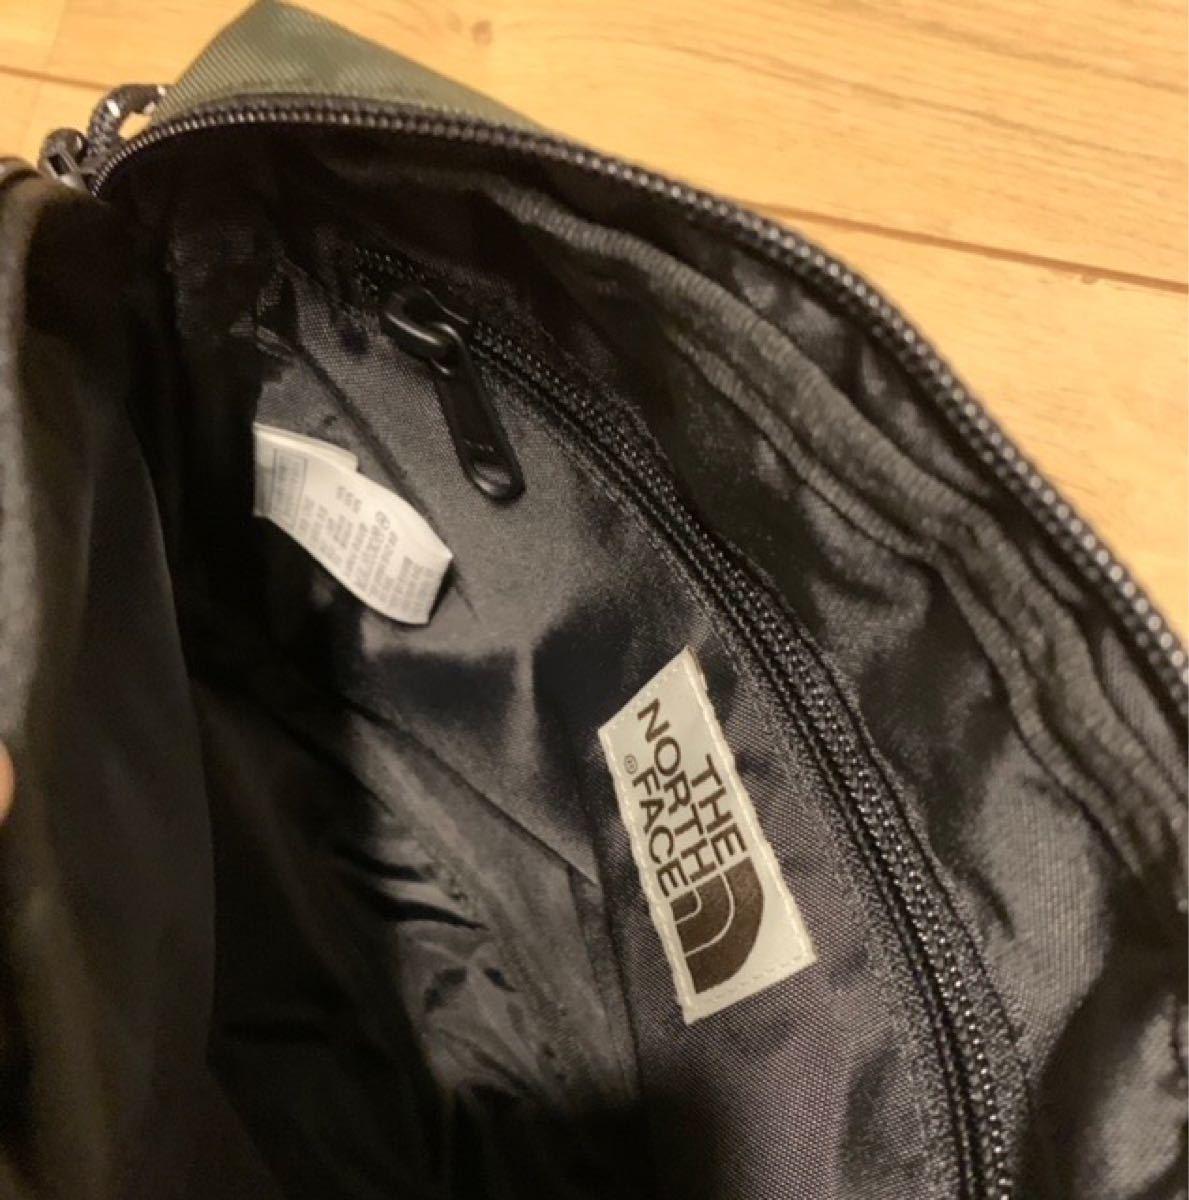 【新品未使用】ノースフェイス CROSS BAG ショルダーバッグ カーキ